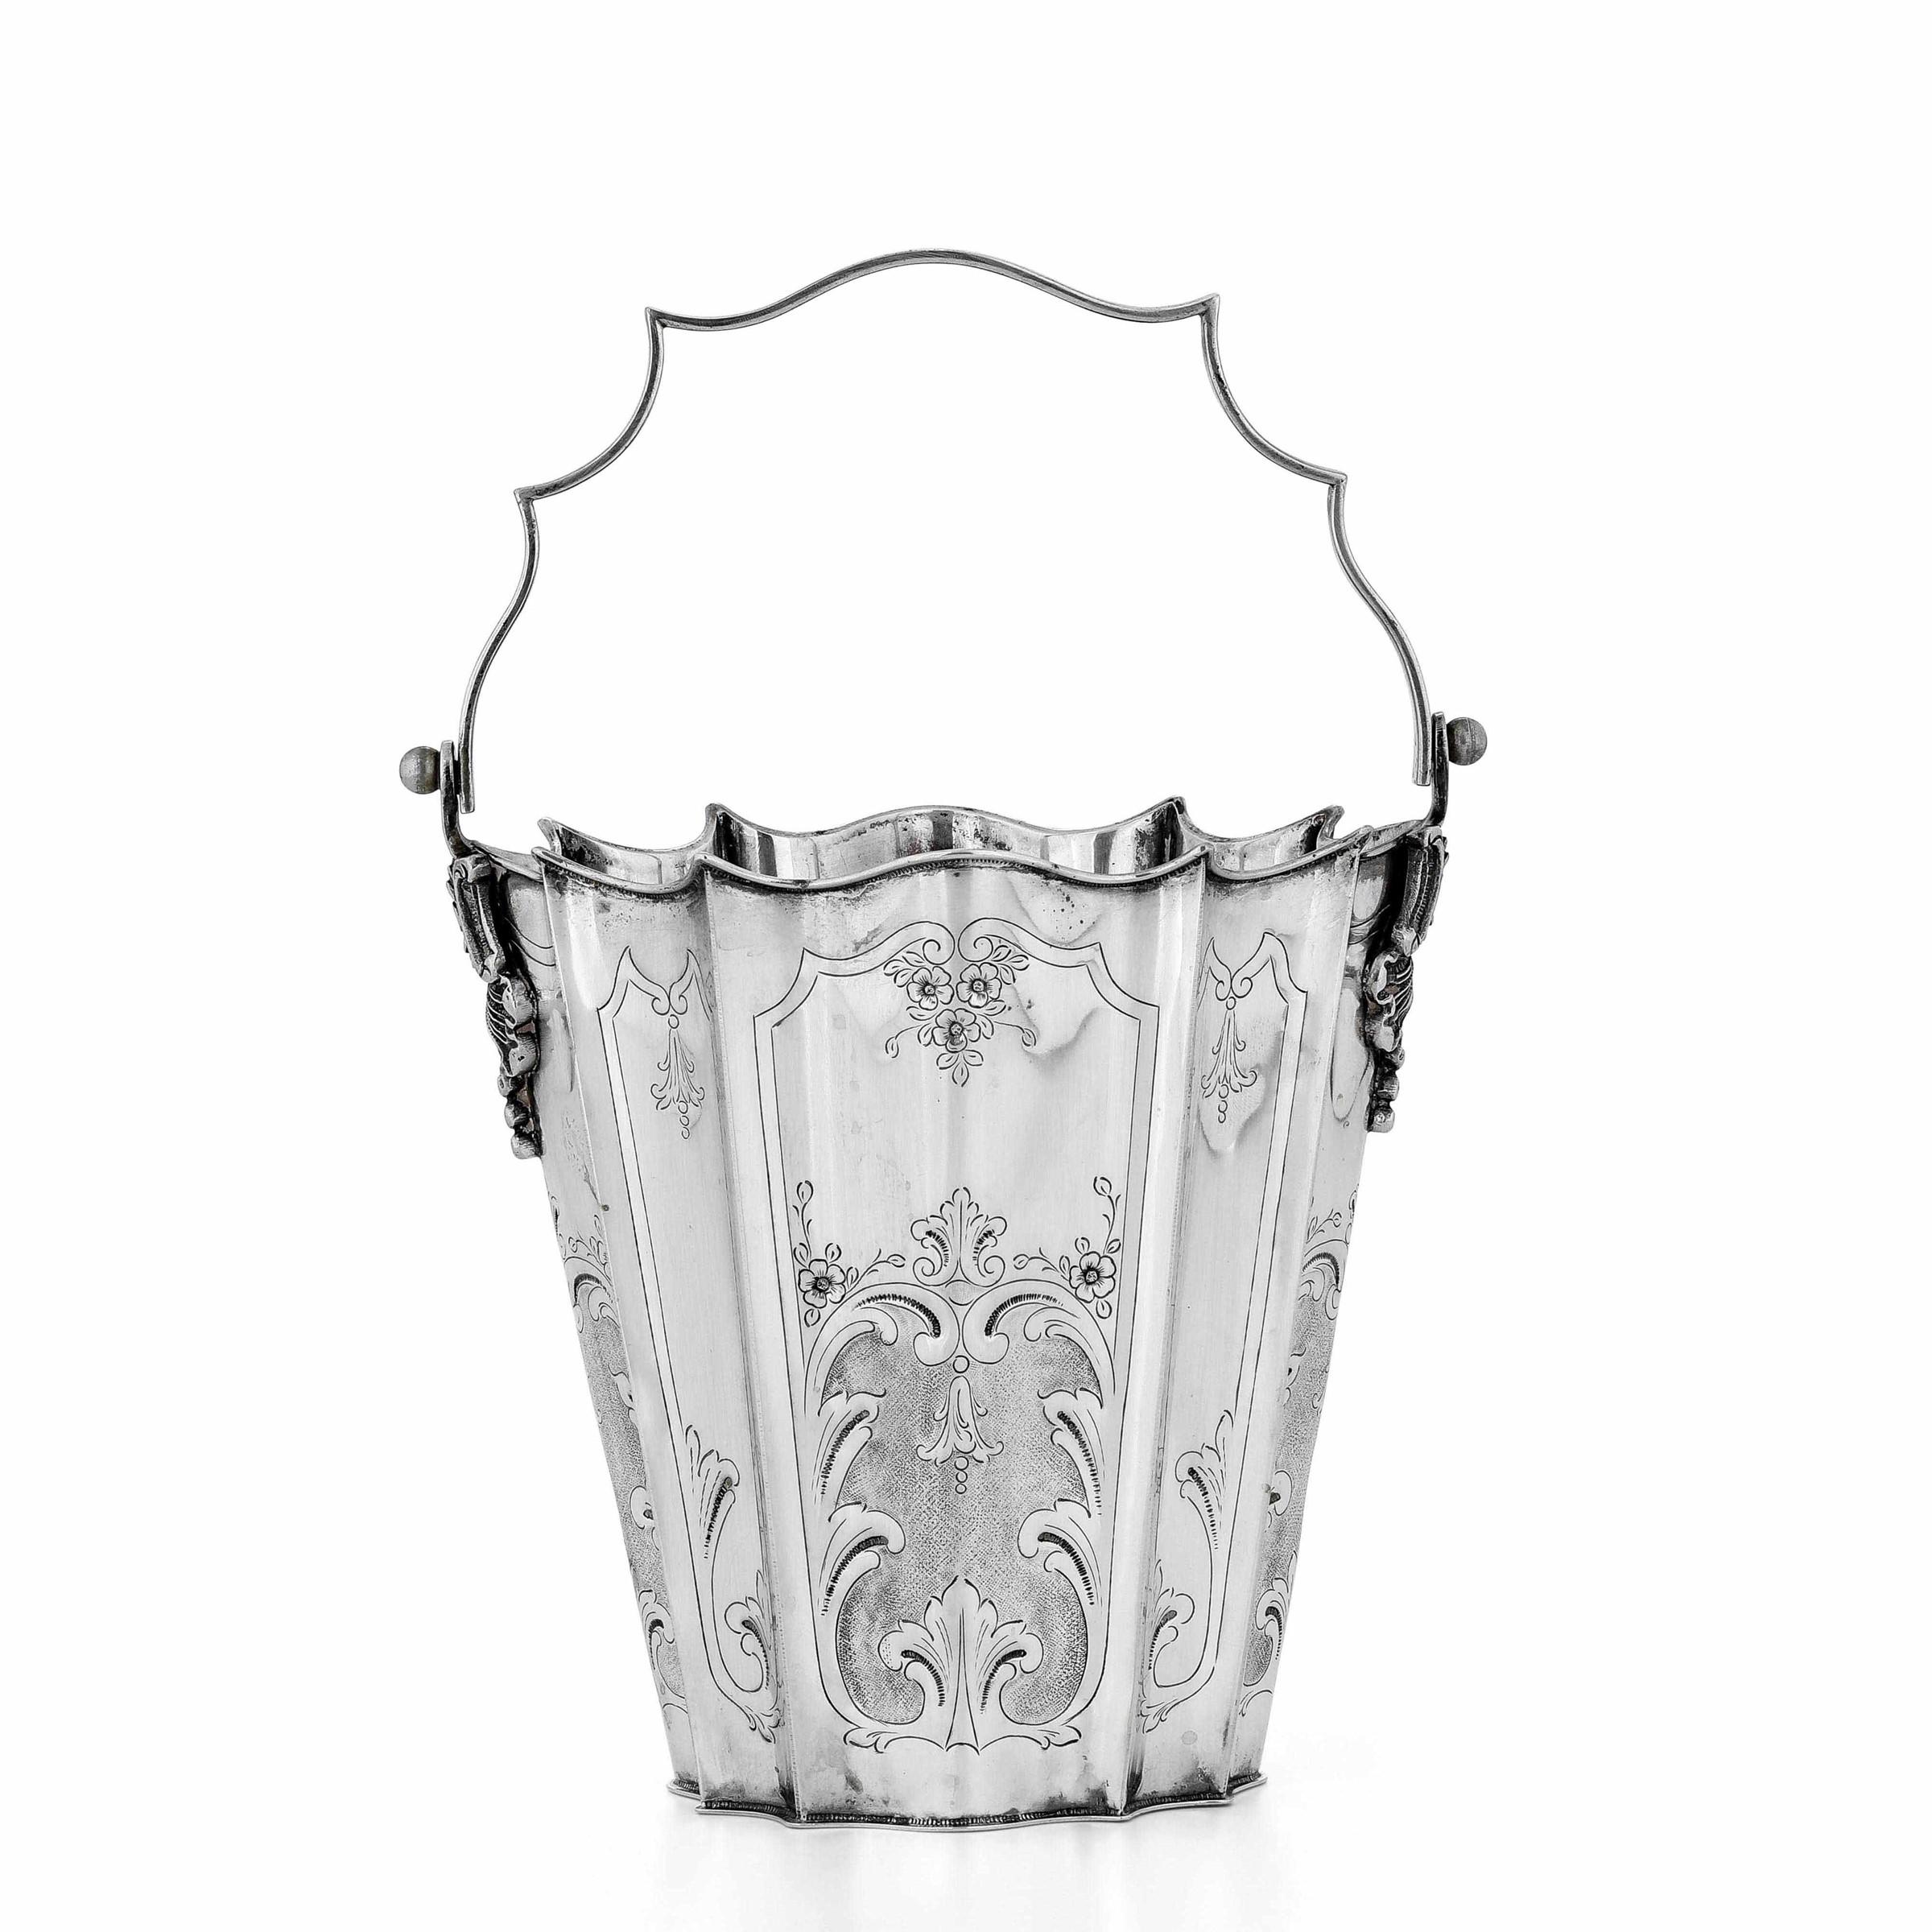 Rinfrescatoio in argento cesellato. Argenteria artistica italiana del XX secolo, - [...]